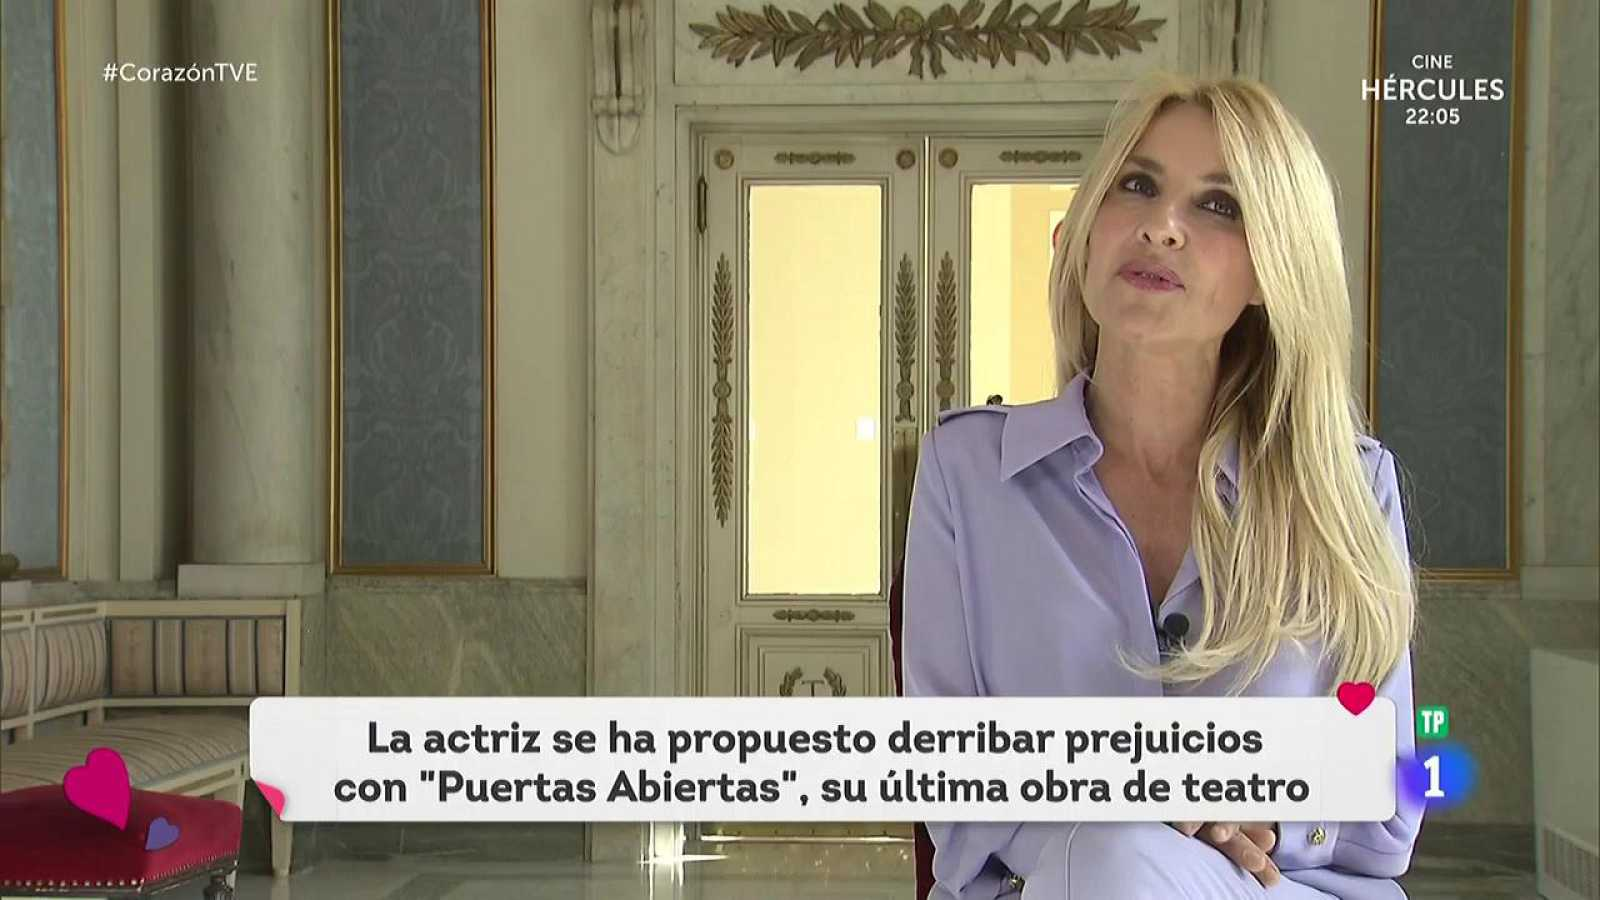 Corazón - El reto de Cayetana Guillén-Cuervo